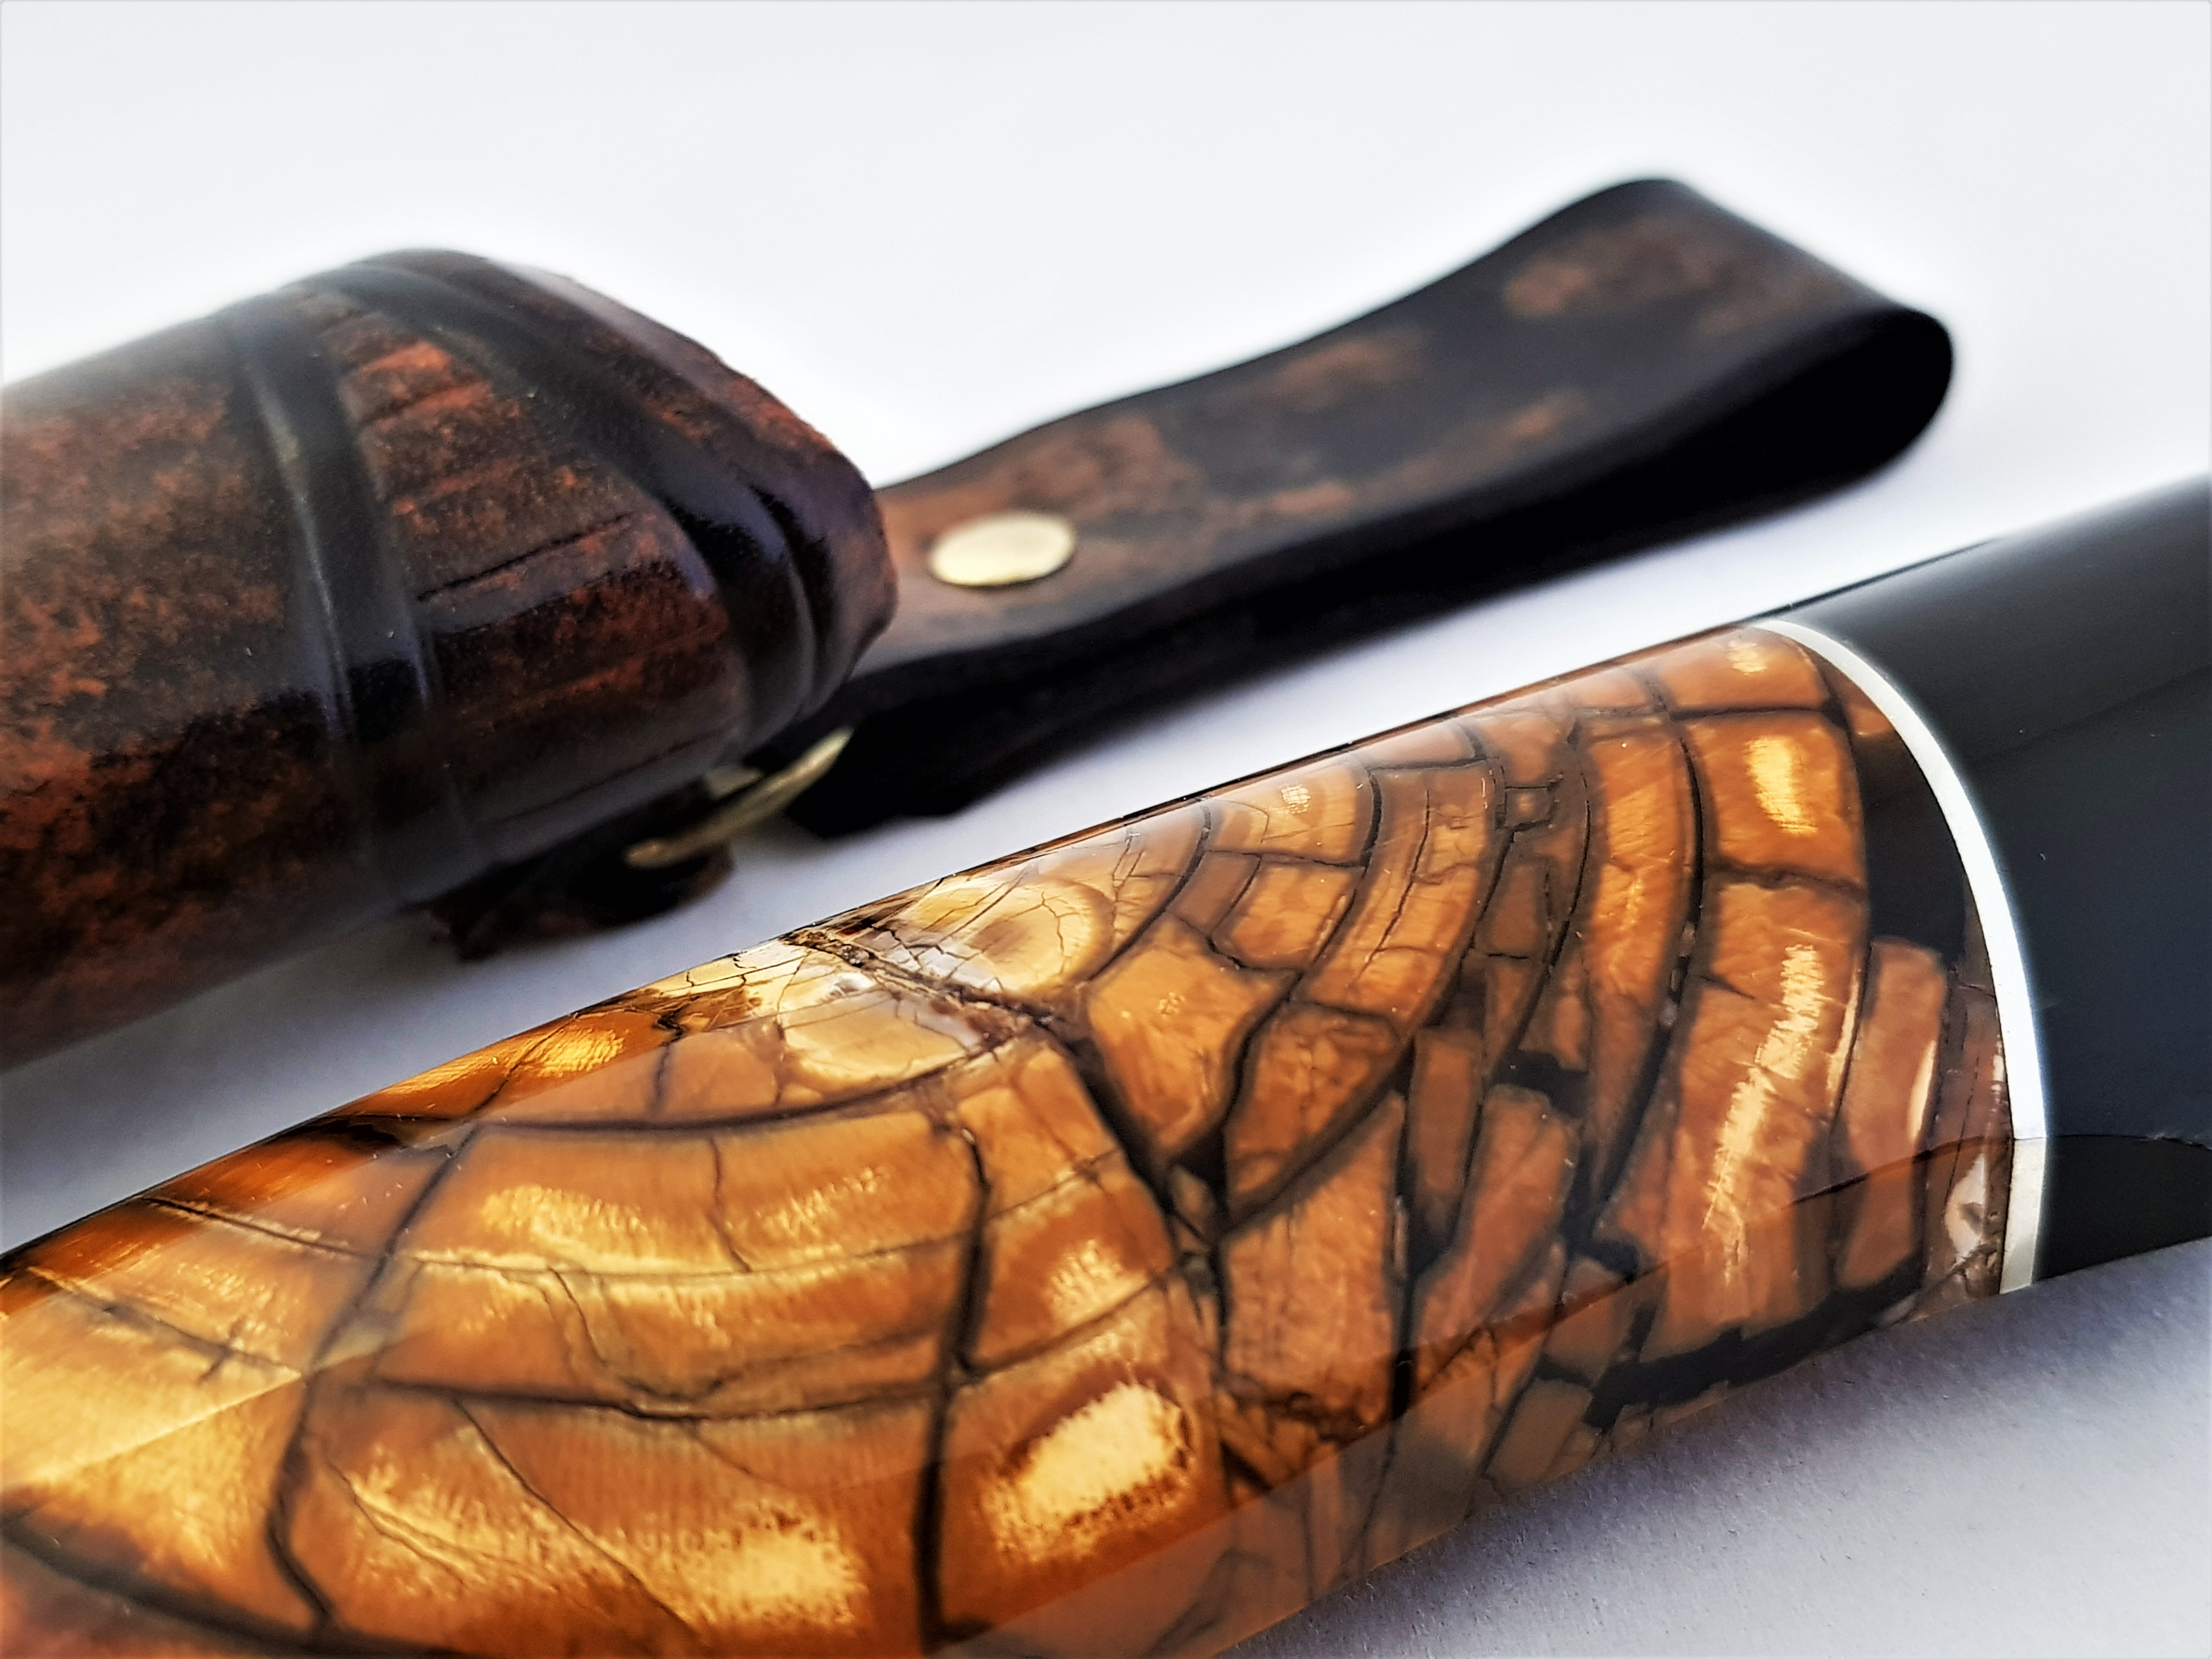 Detail Photos – Vaka – Knives and sculptural creations